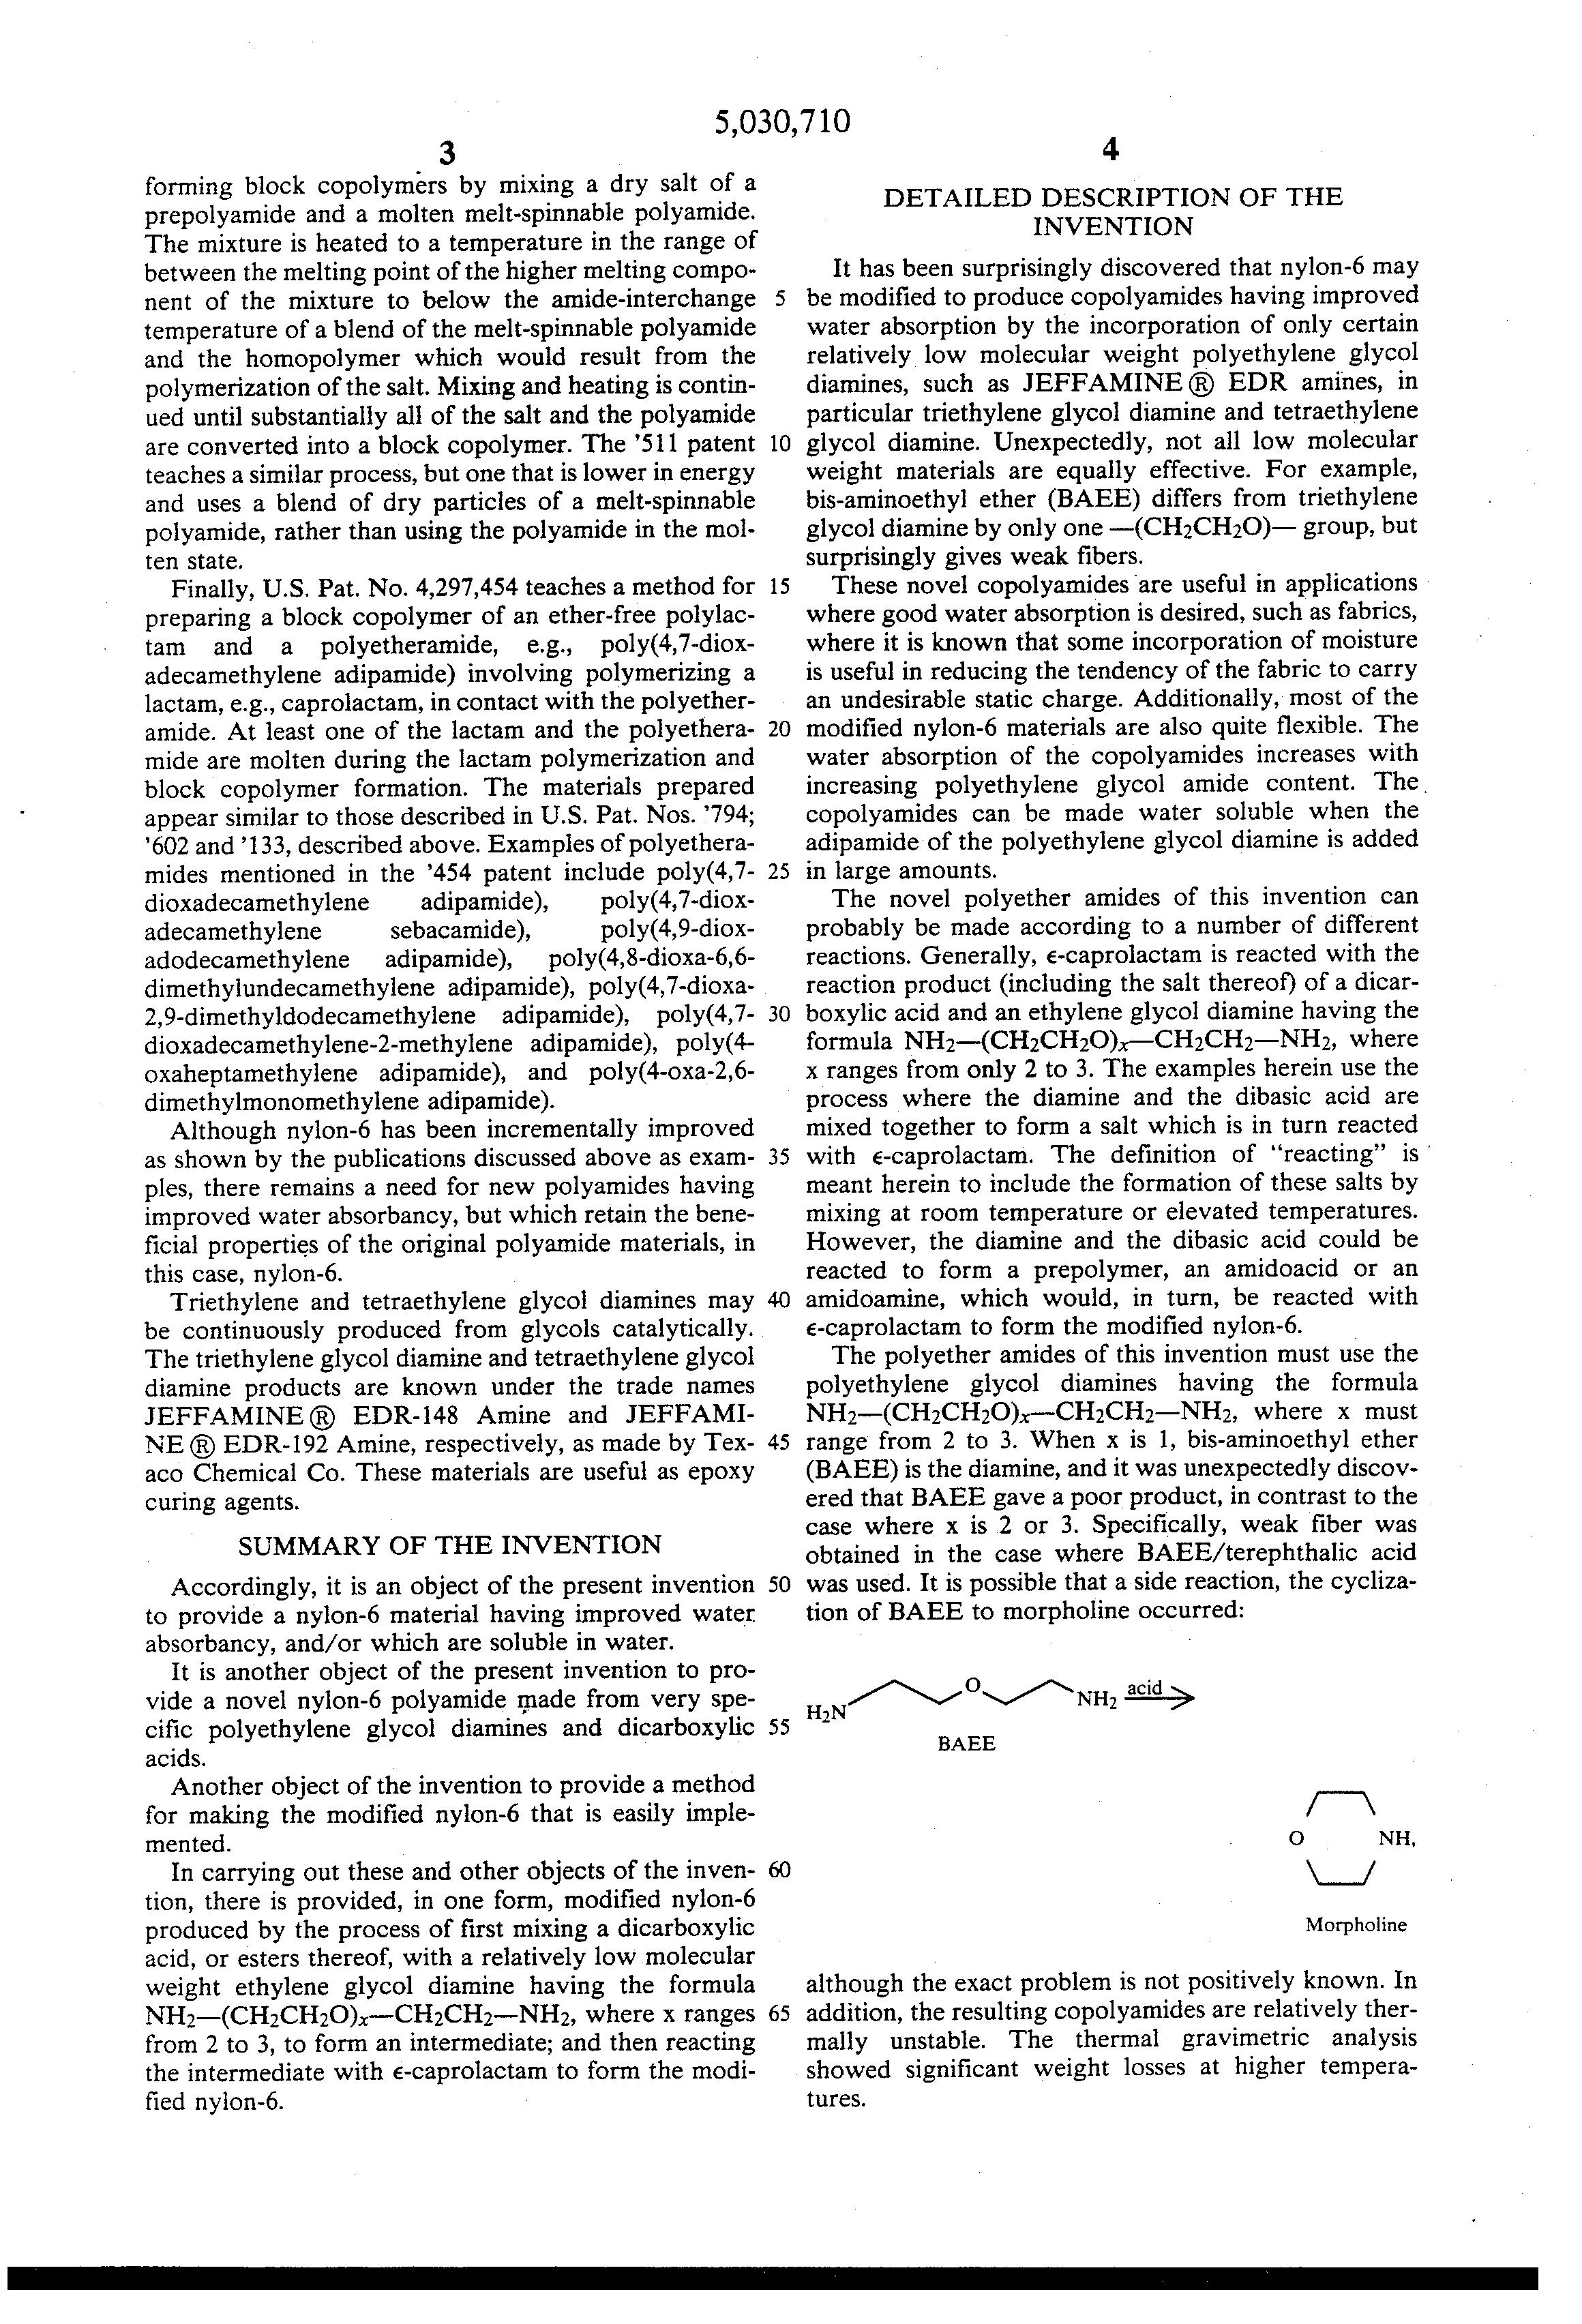 Nylon 6,10 Nylon Polymerization - Scribd